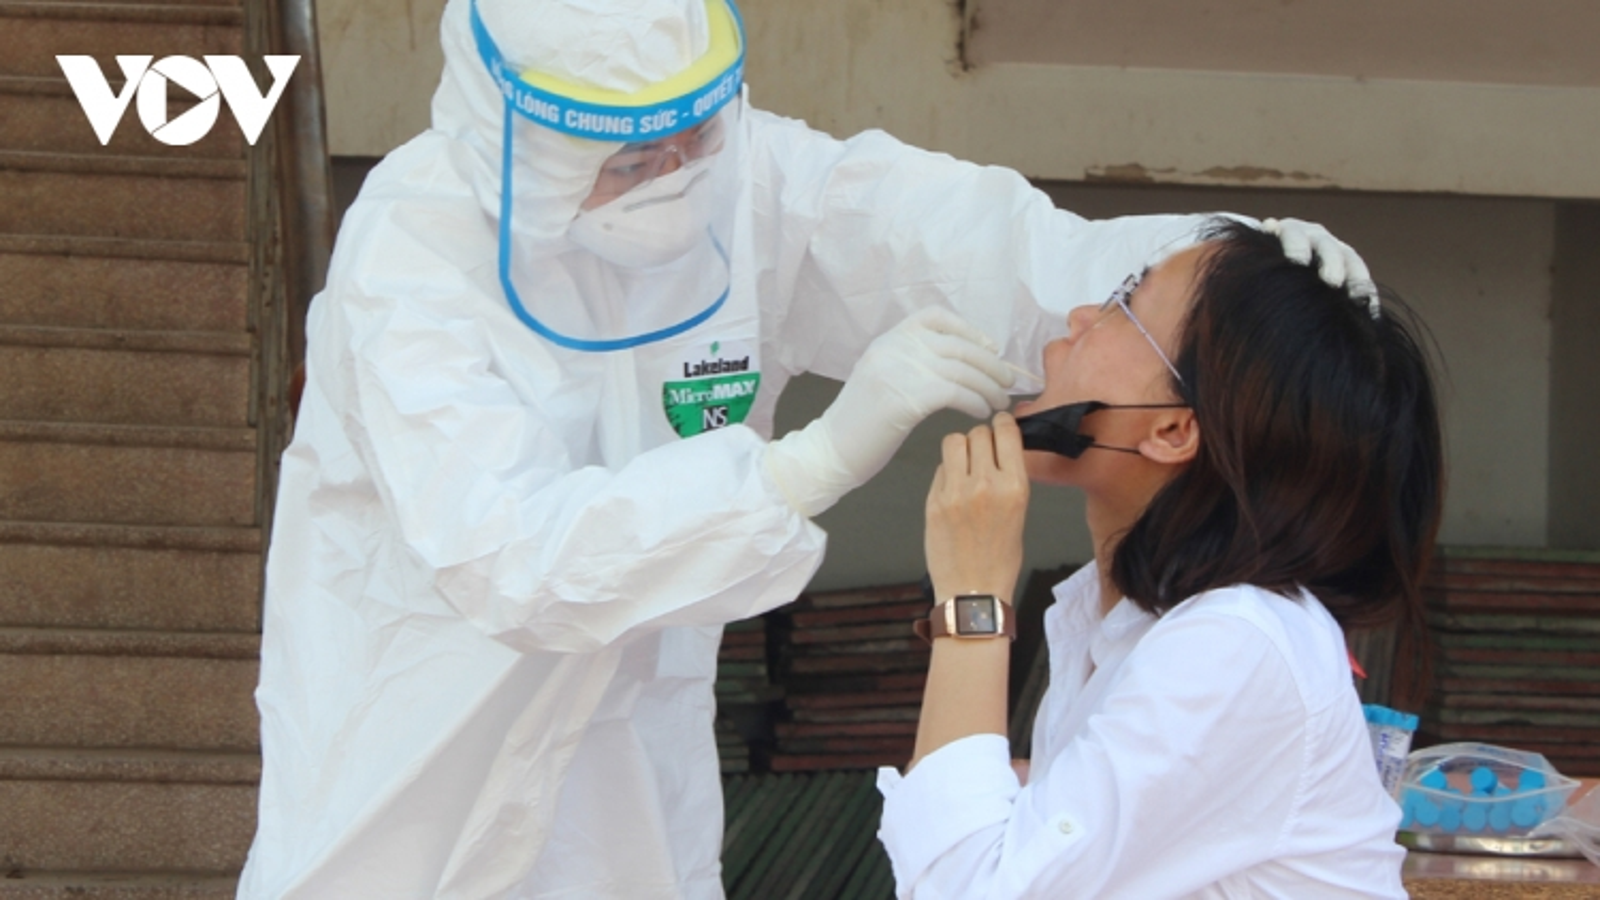 Hà Nội có thêm 26 ca nhiễm SARS-CoV-2, trong đó 9 ca cộng đồng